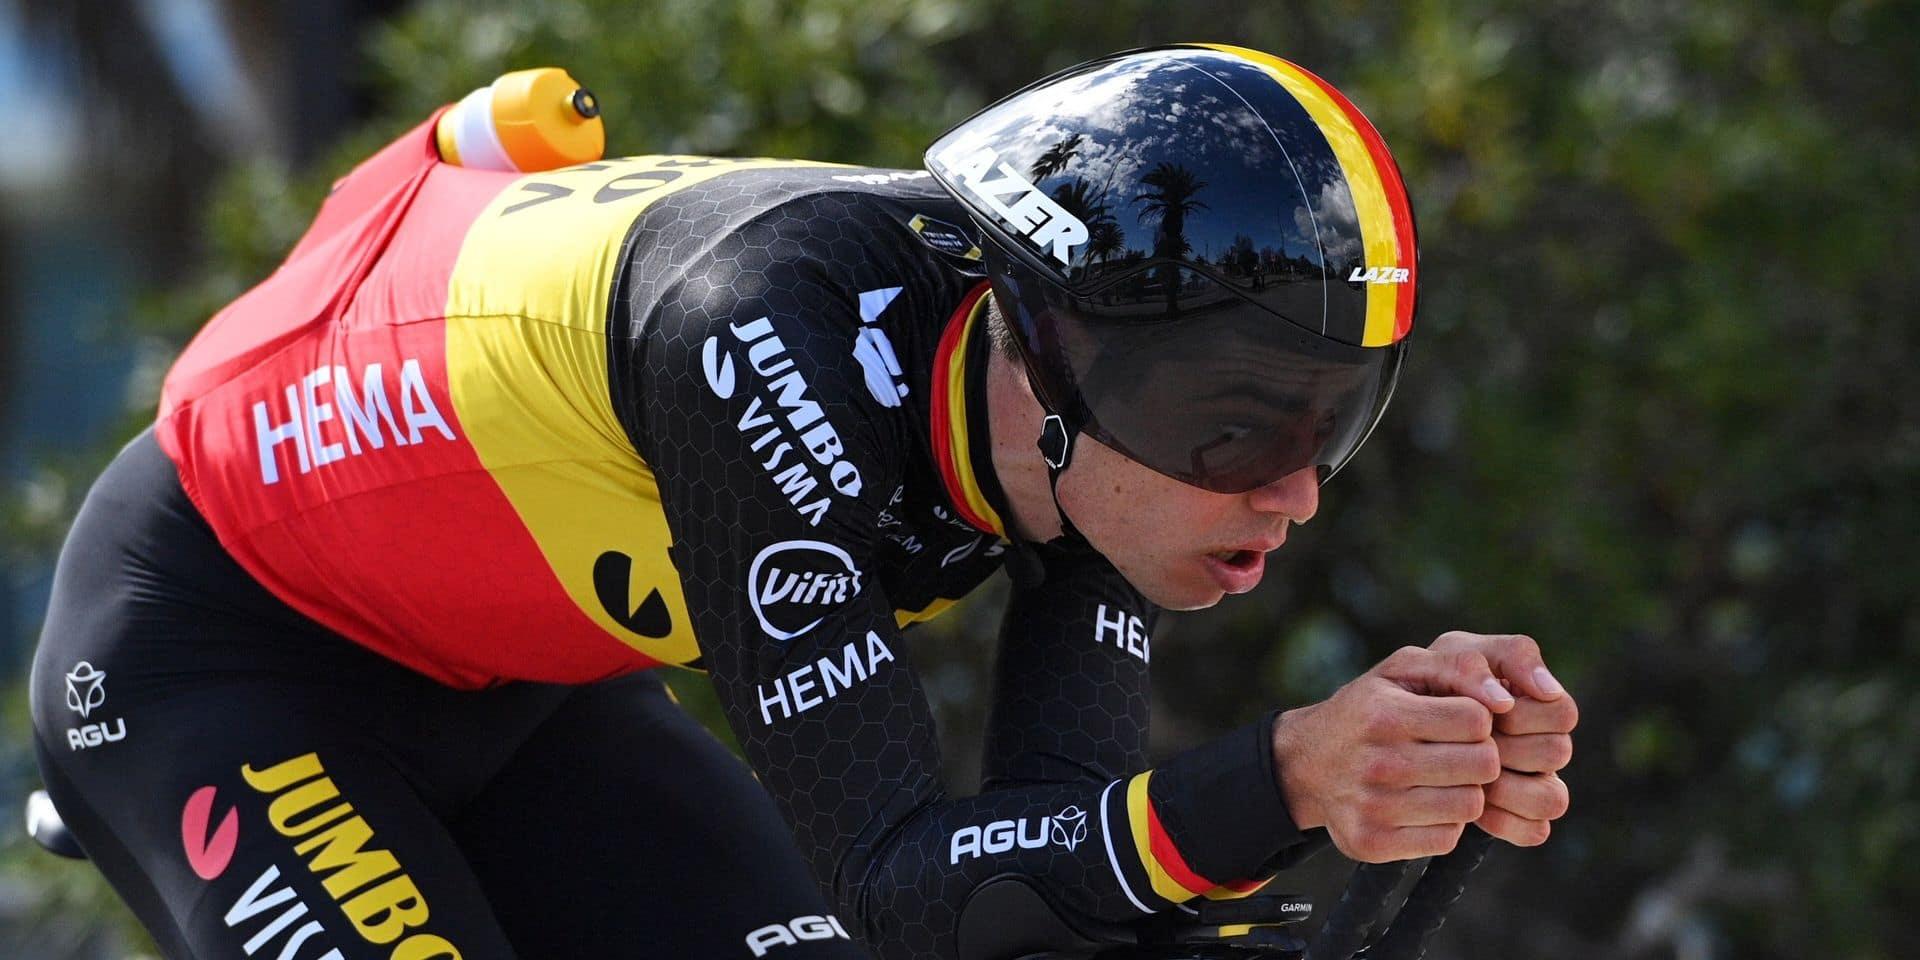 Van Aert remporte le chrono de Tirreno-Adriatico, Pogacar vainqueur final